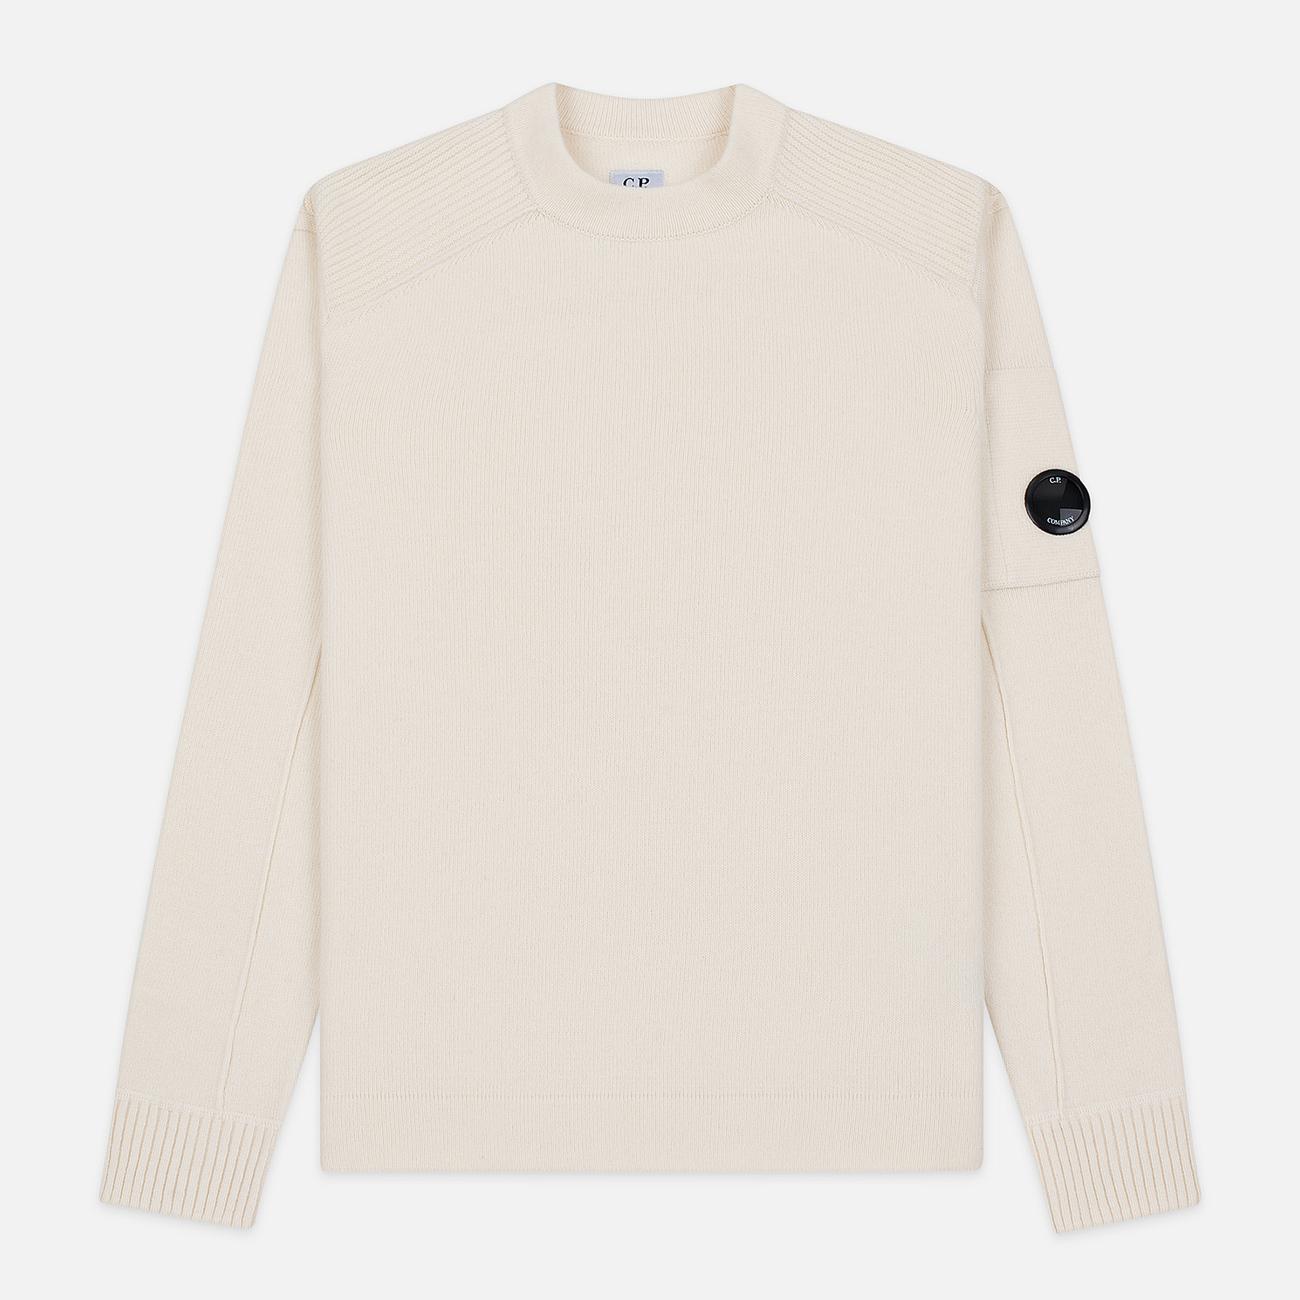 Мужской свитер C.P. Company Crew Neck Lens Pocket Gauze White